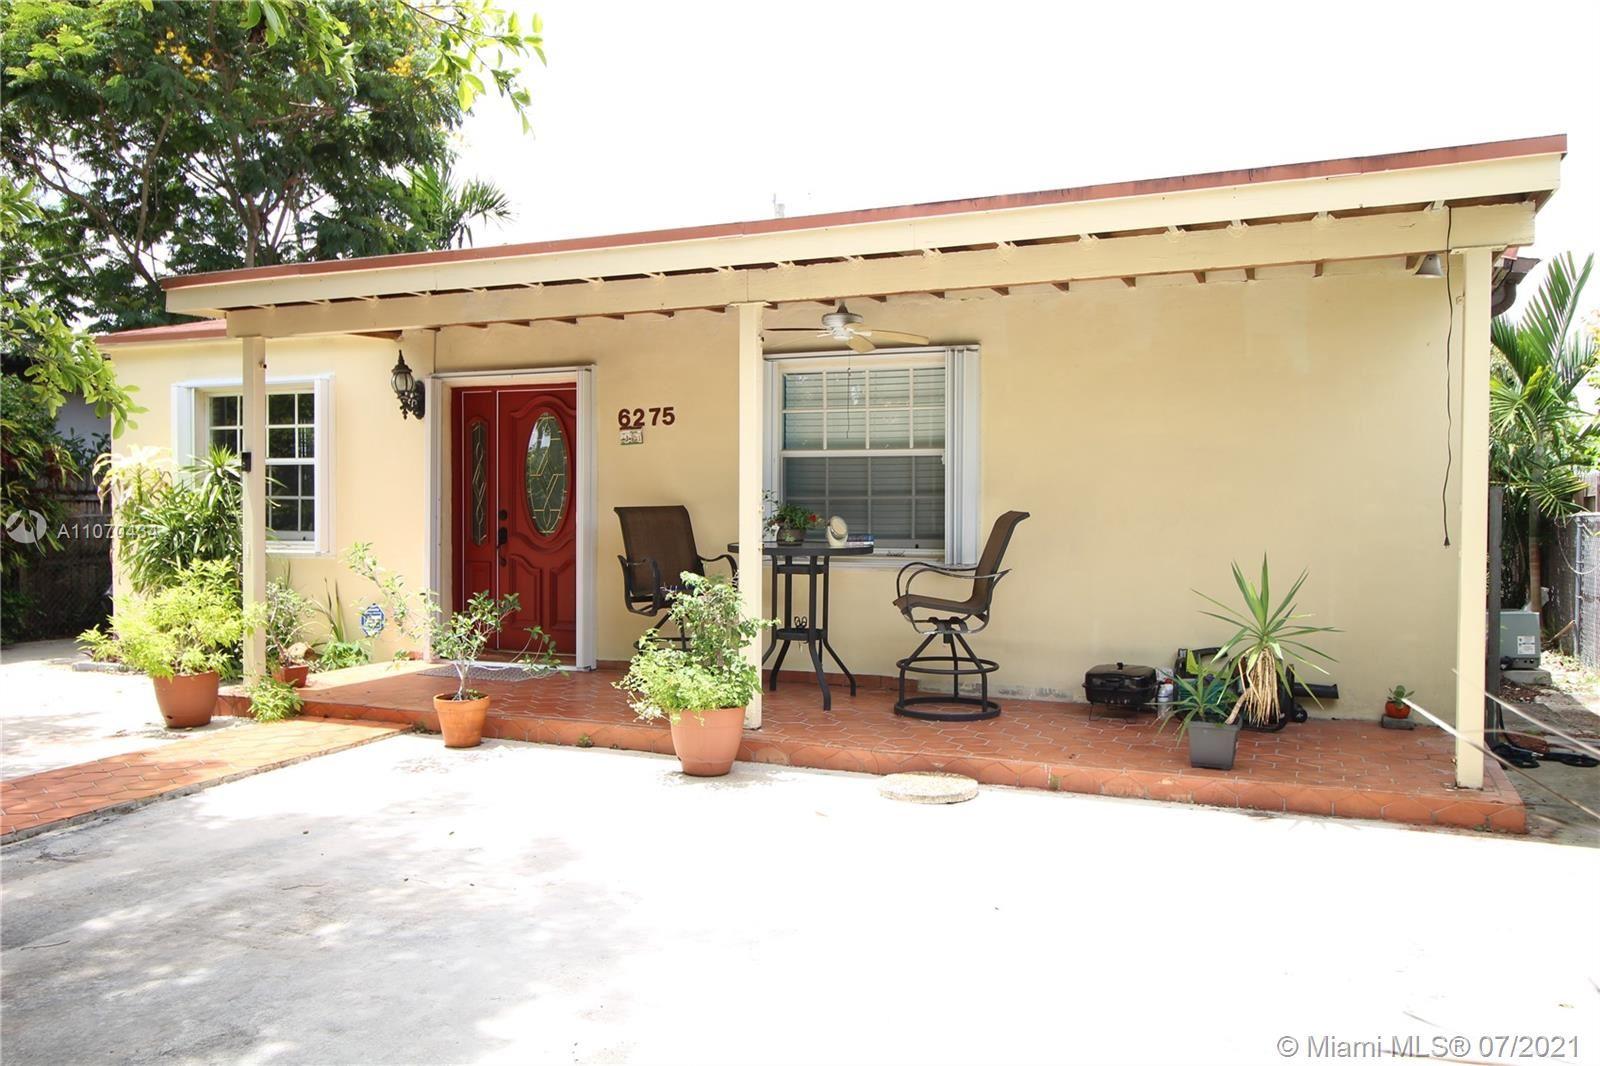 6275 SW 38th St, Miami, FL 33155 - #: A11070434